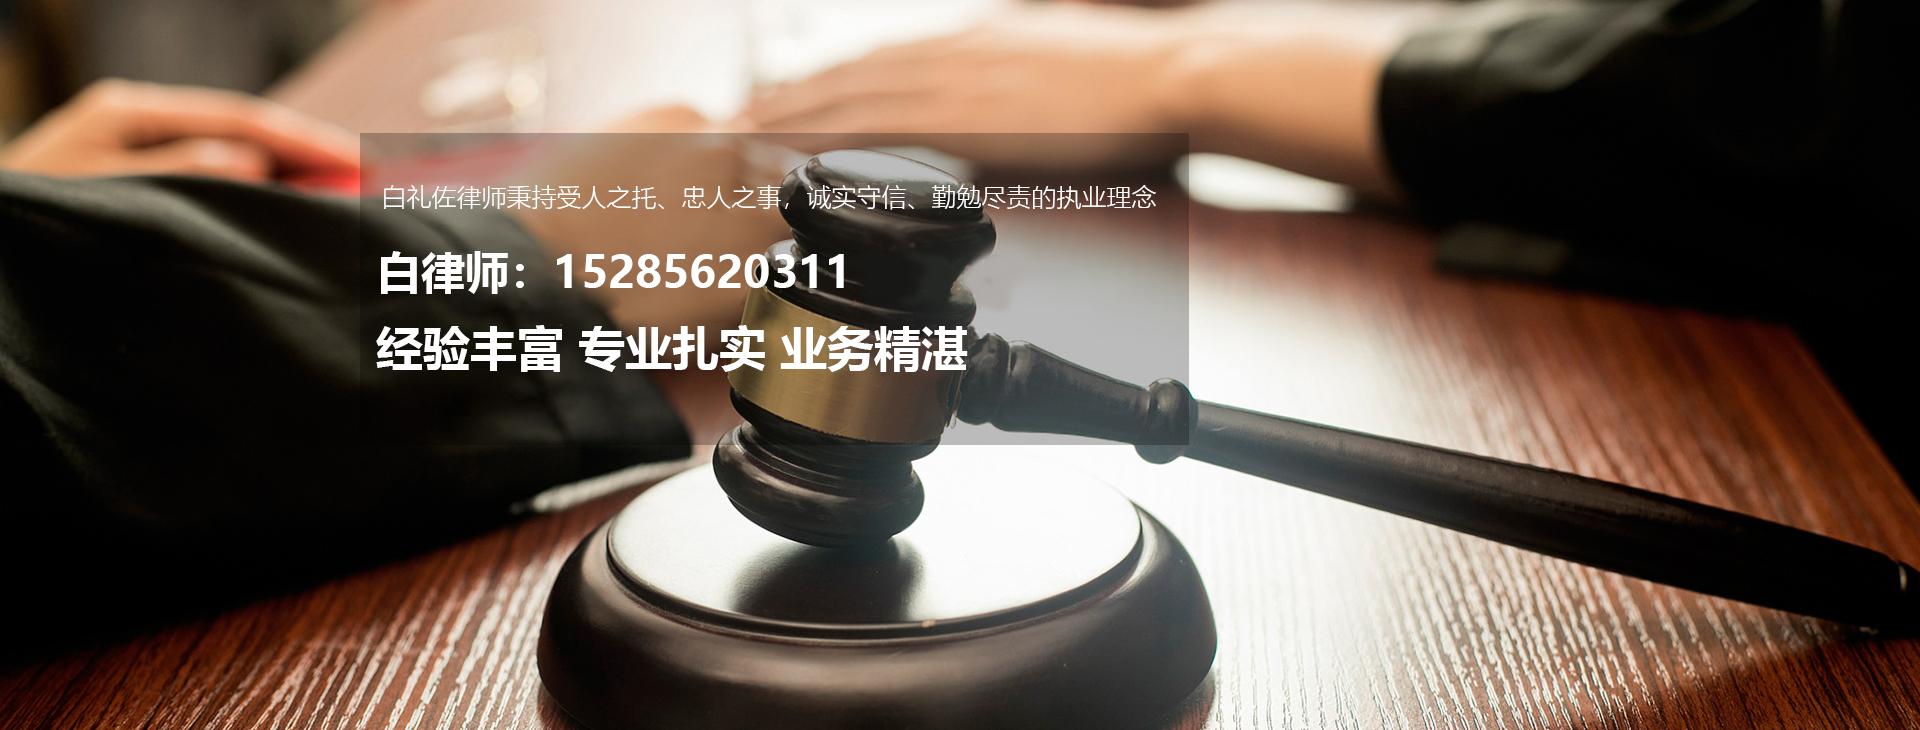 建筑工程律师,工程合同纠纷律师,工程律师,工程合同纠纷律师